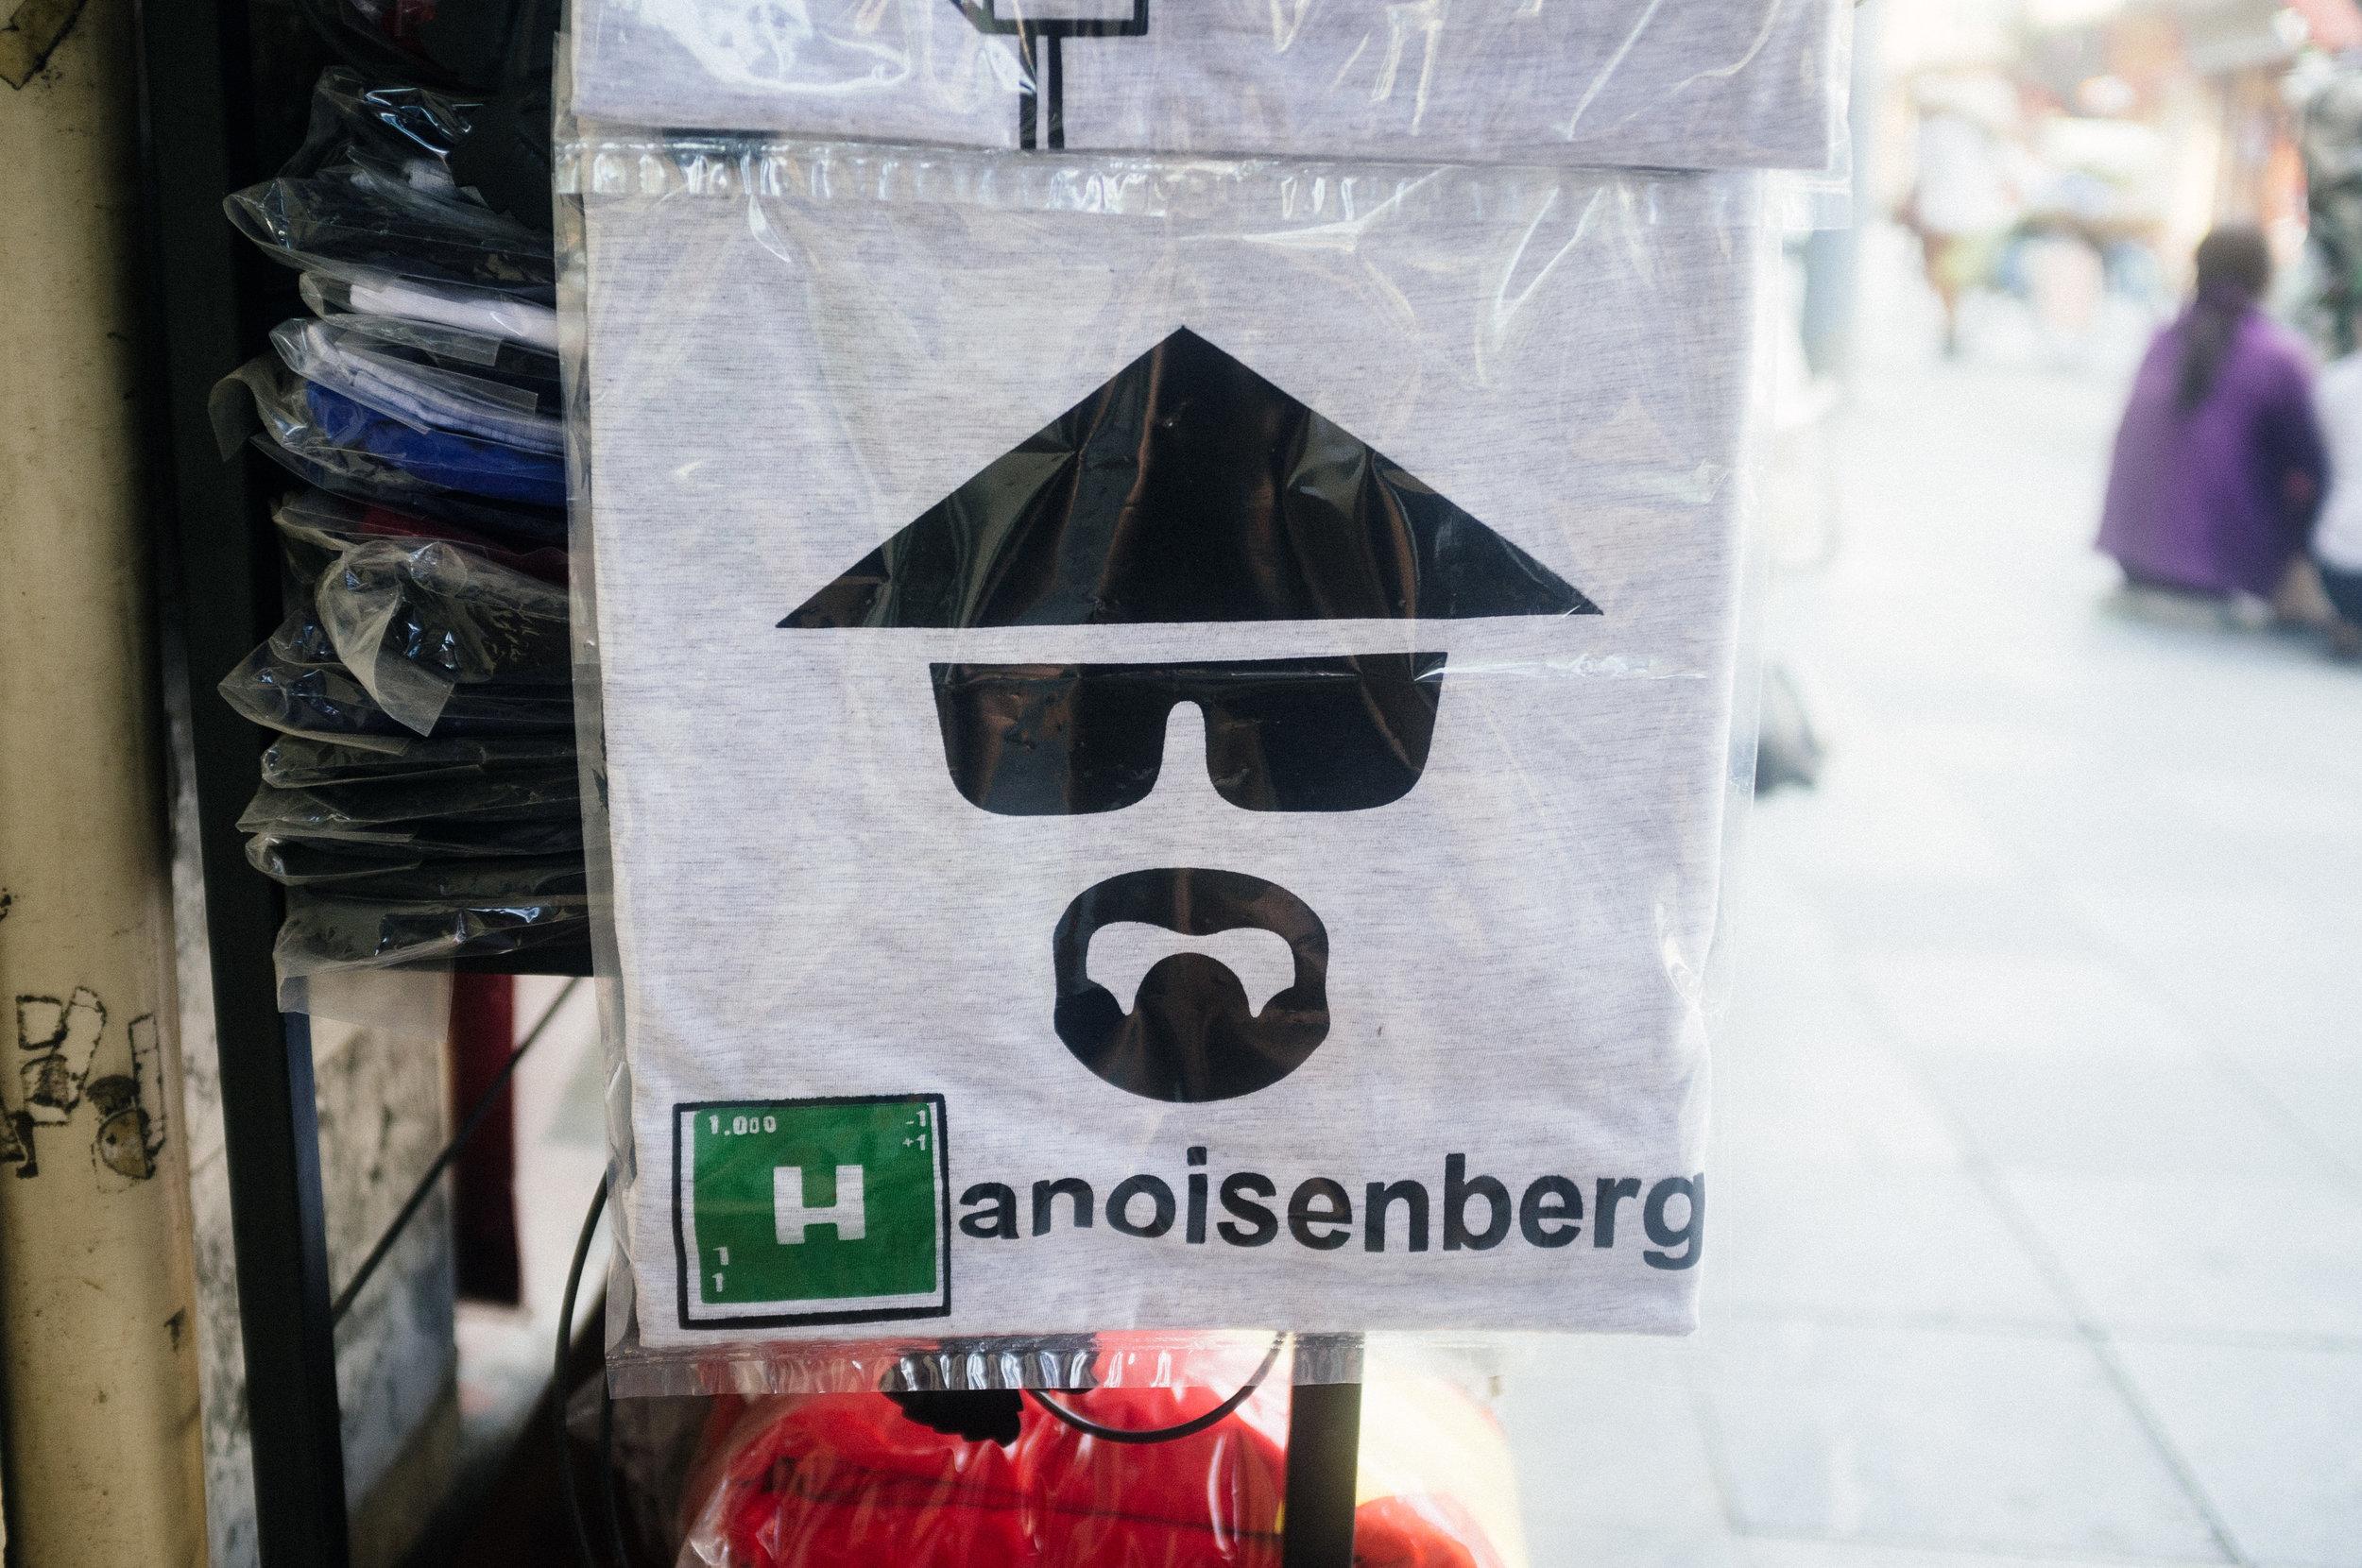 Hanoisenberg.jpg